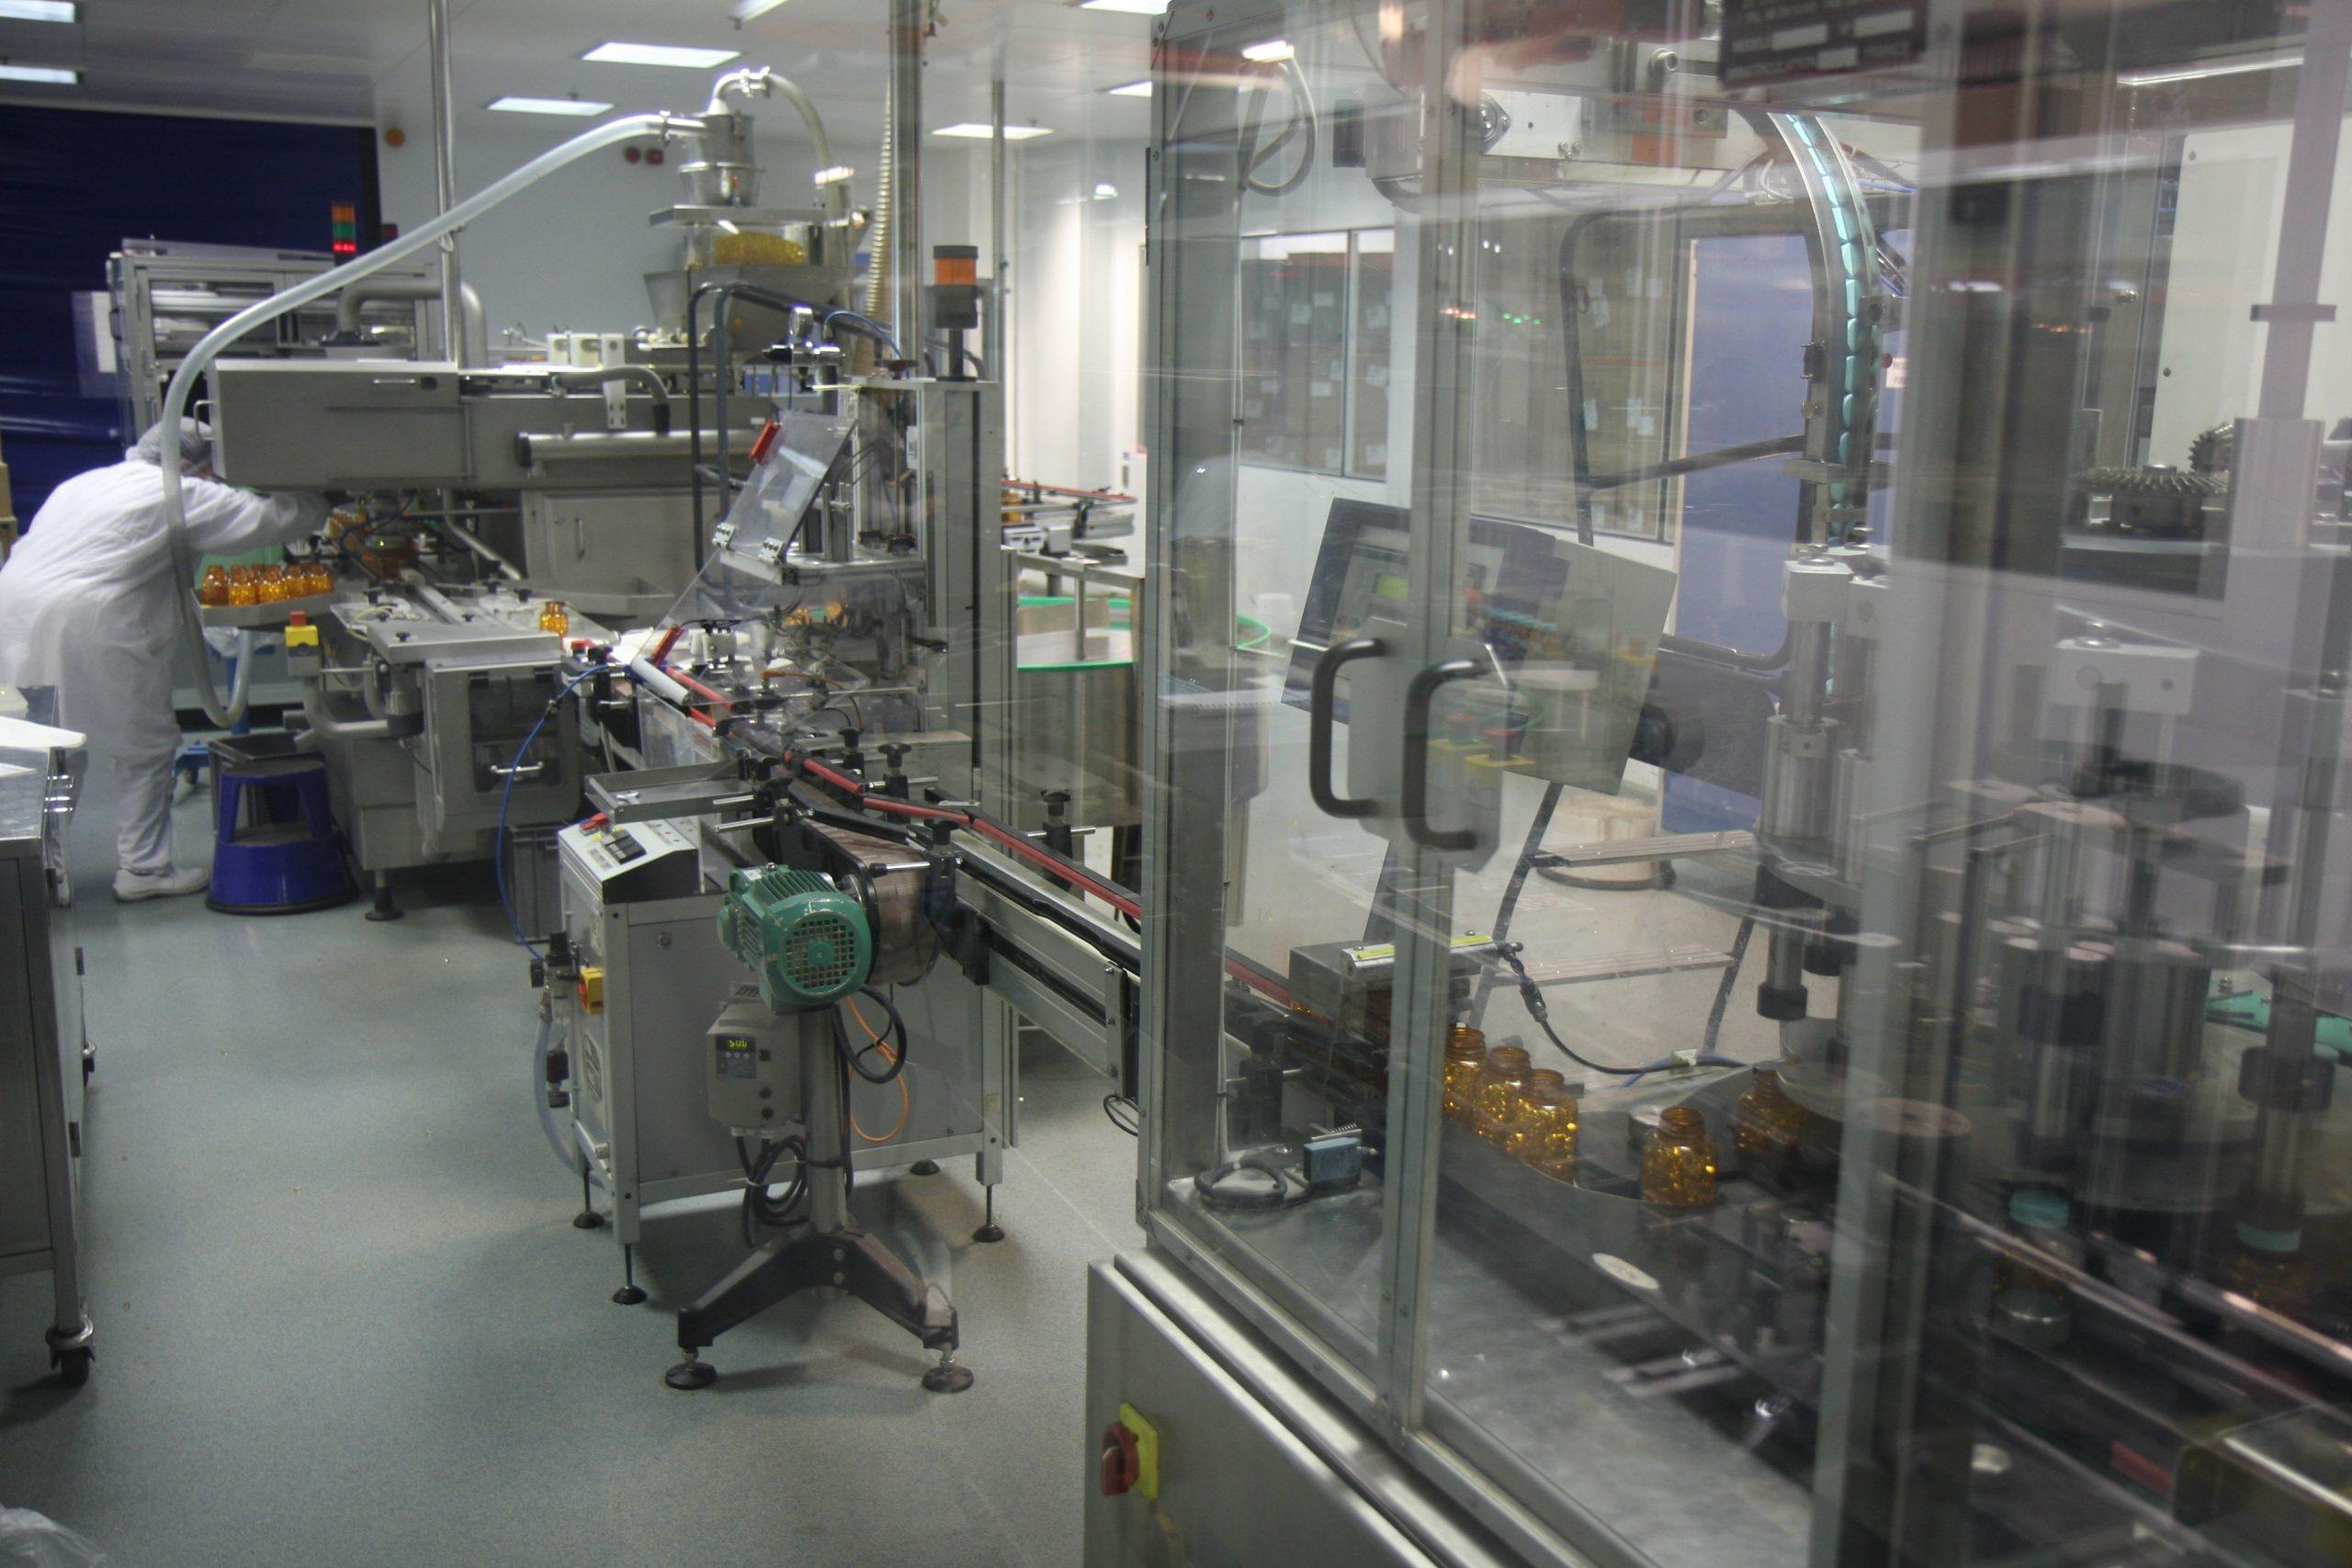 Laboratoires_Arkopharma_-_Chaine_de_conditionnement_remplissage_piluliers.jpg